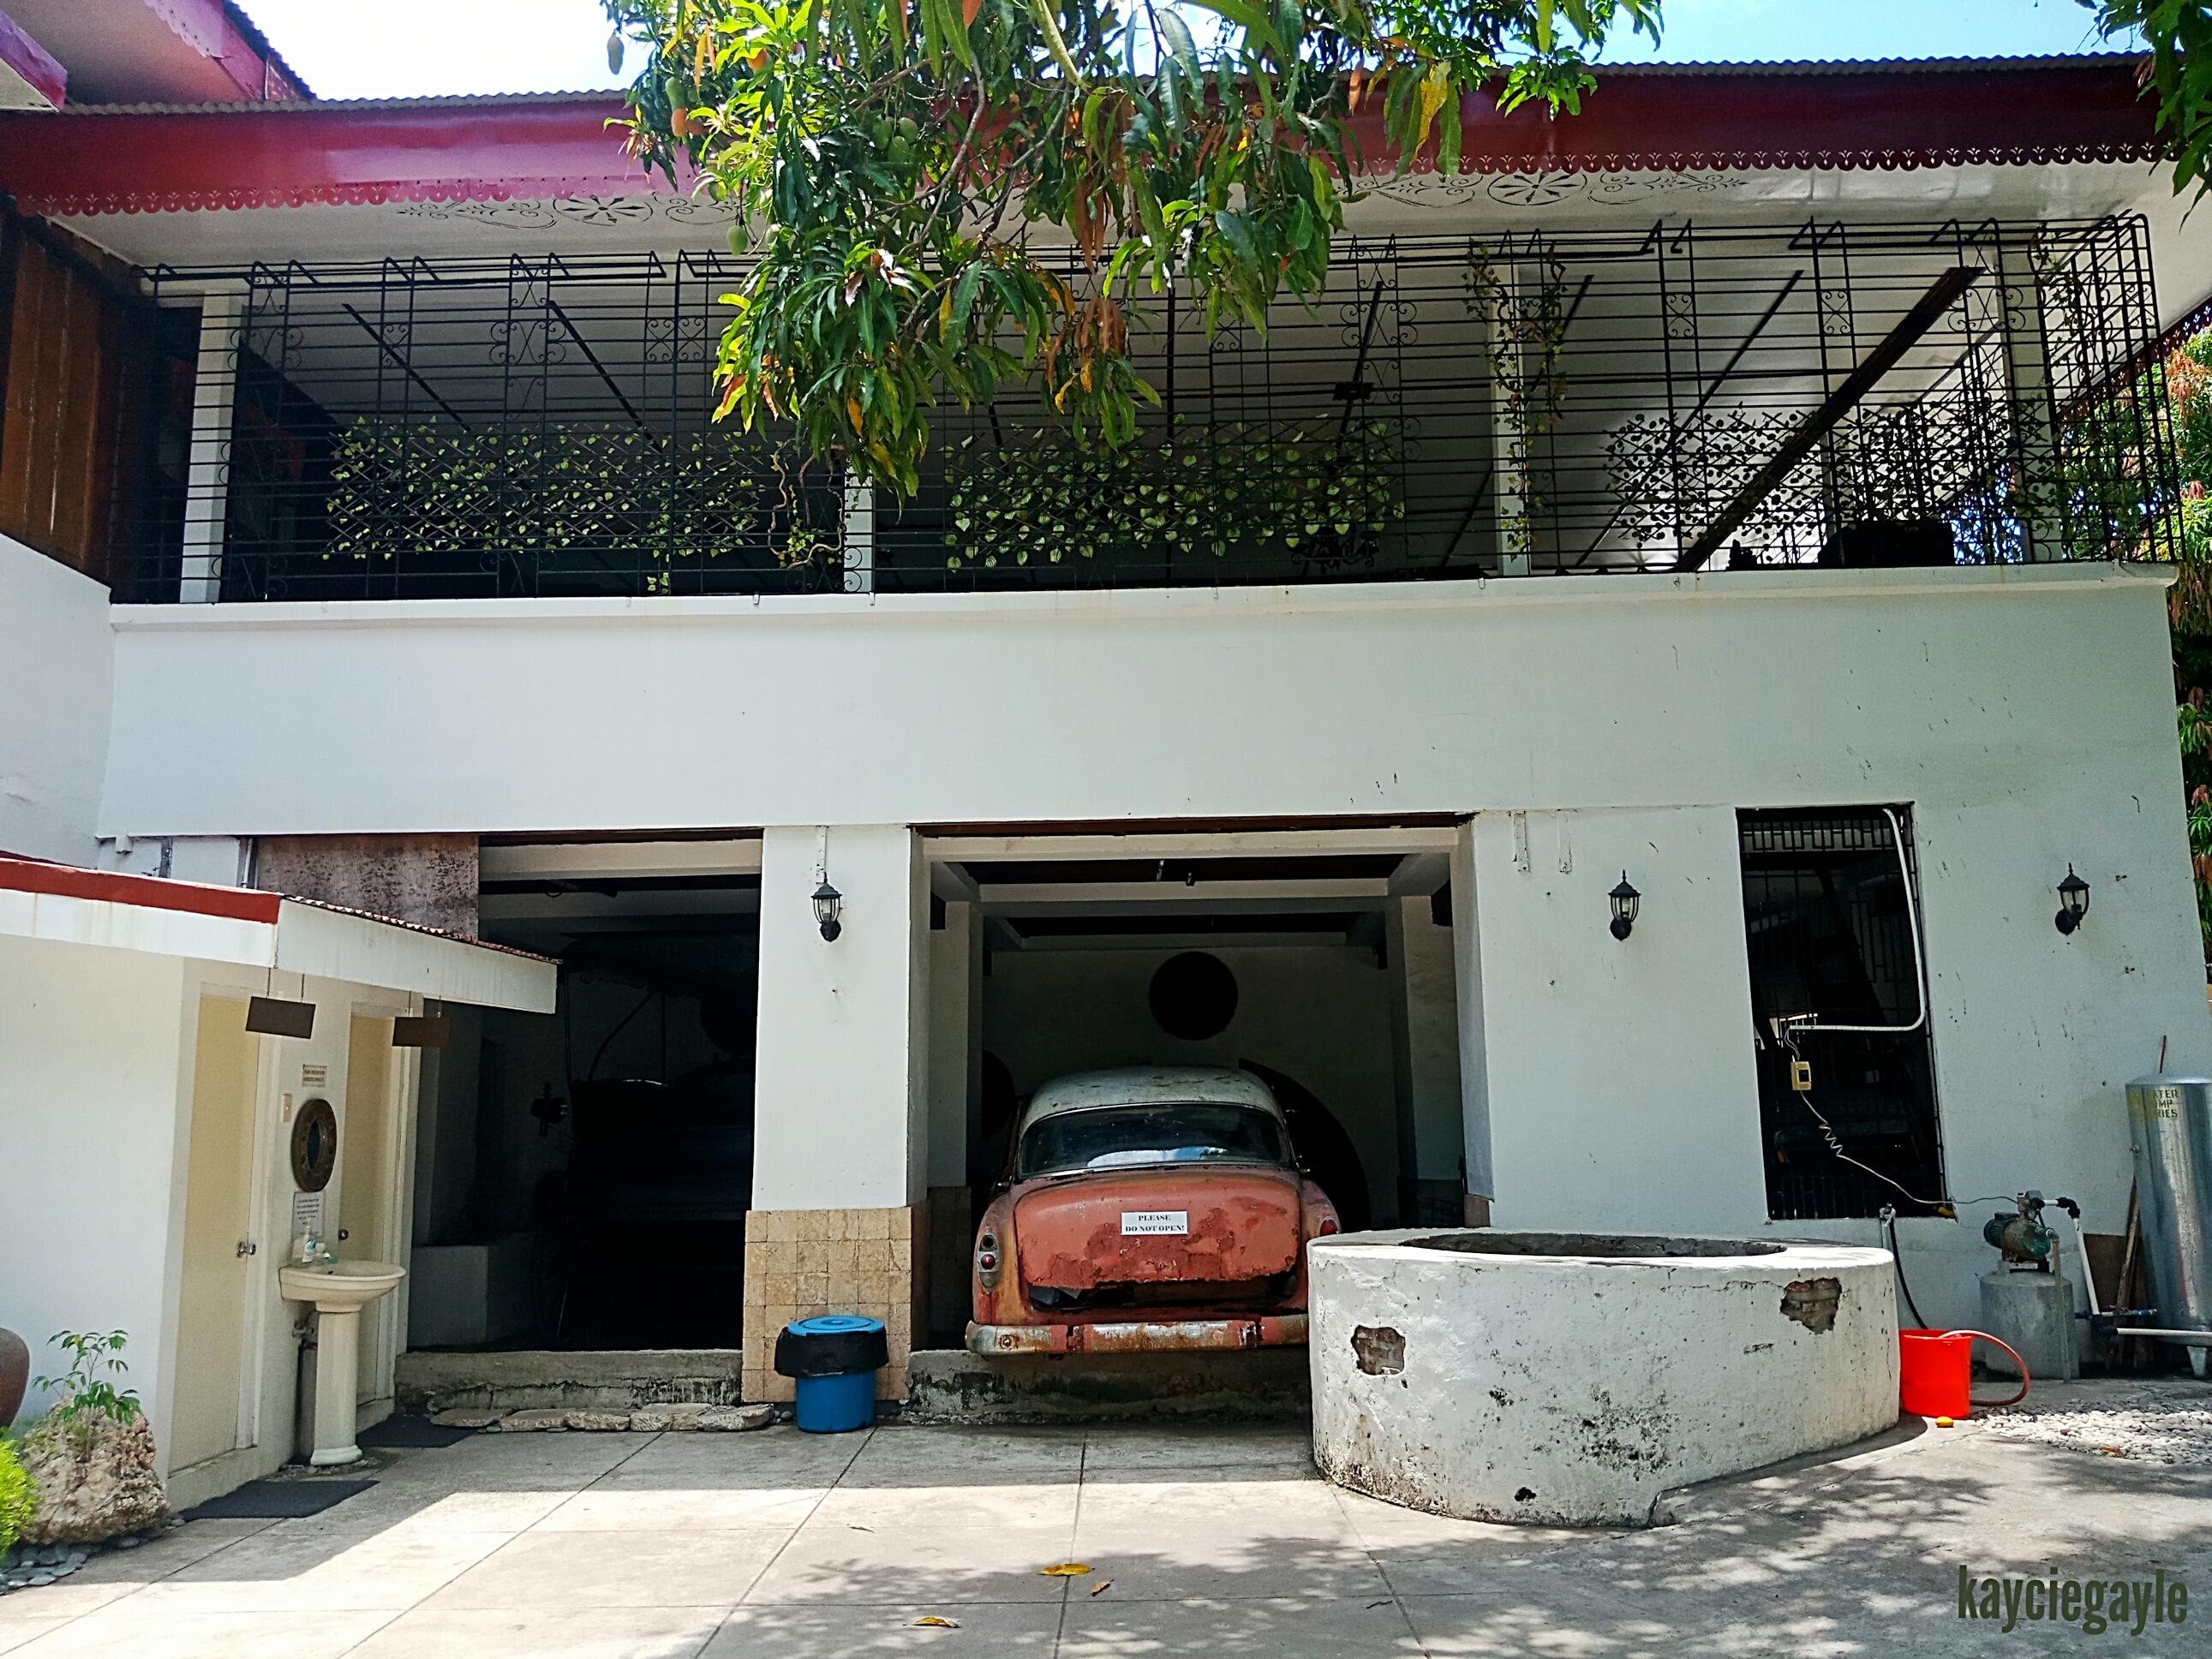 Crisologo Museum Vigan Ilocos Sur Philippines Parking Area